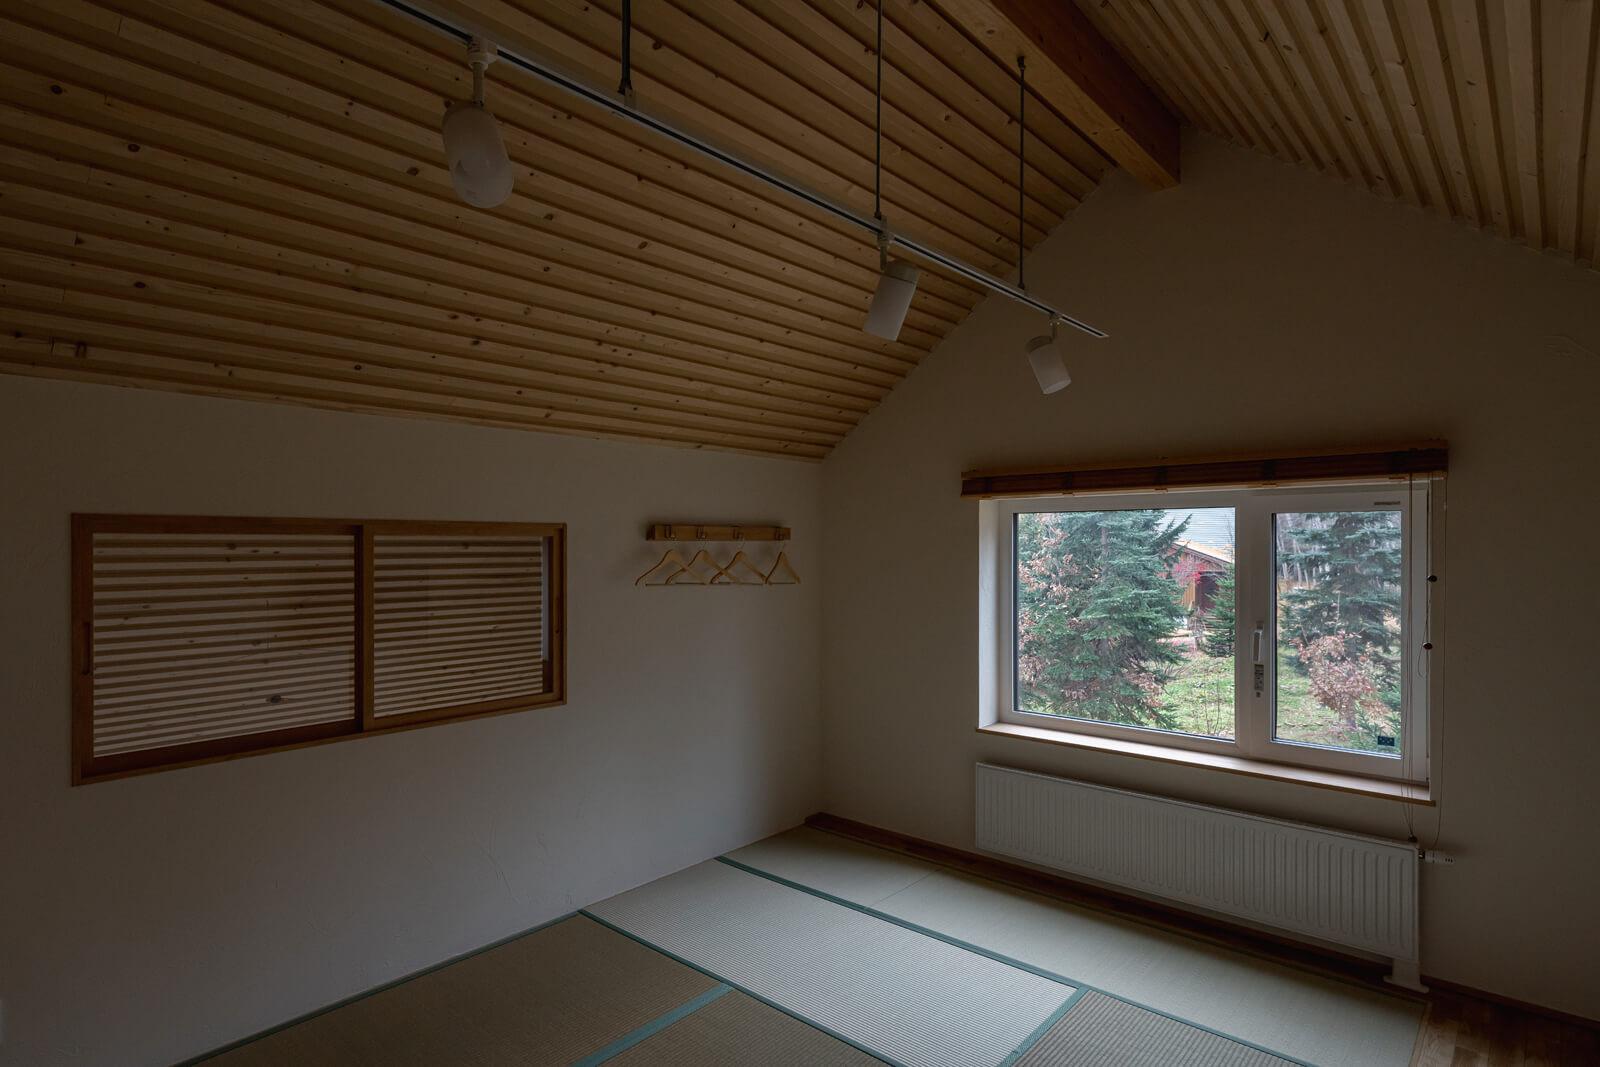 トドマツ材の屋根なり天井が心地よい2階のゲストルームは10畳の和室仕様